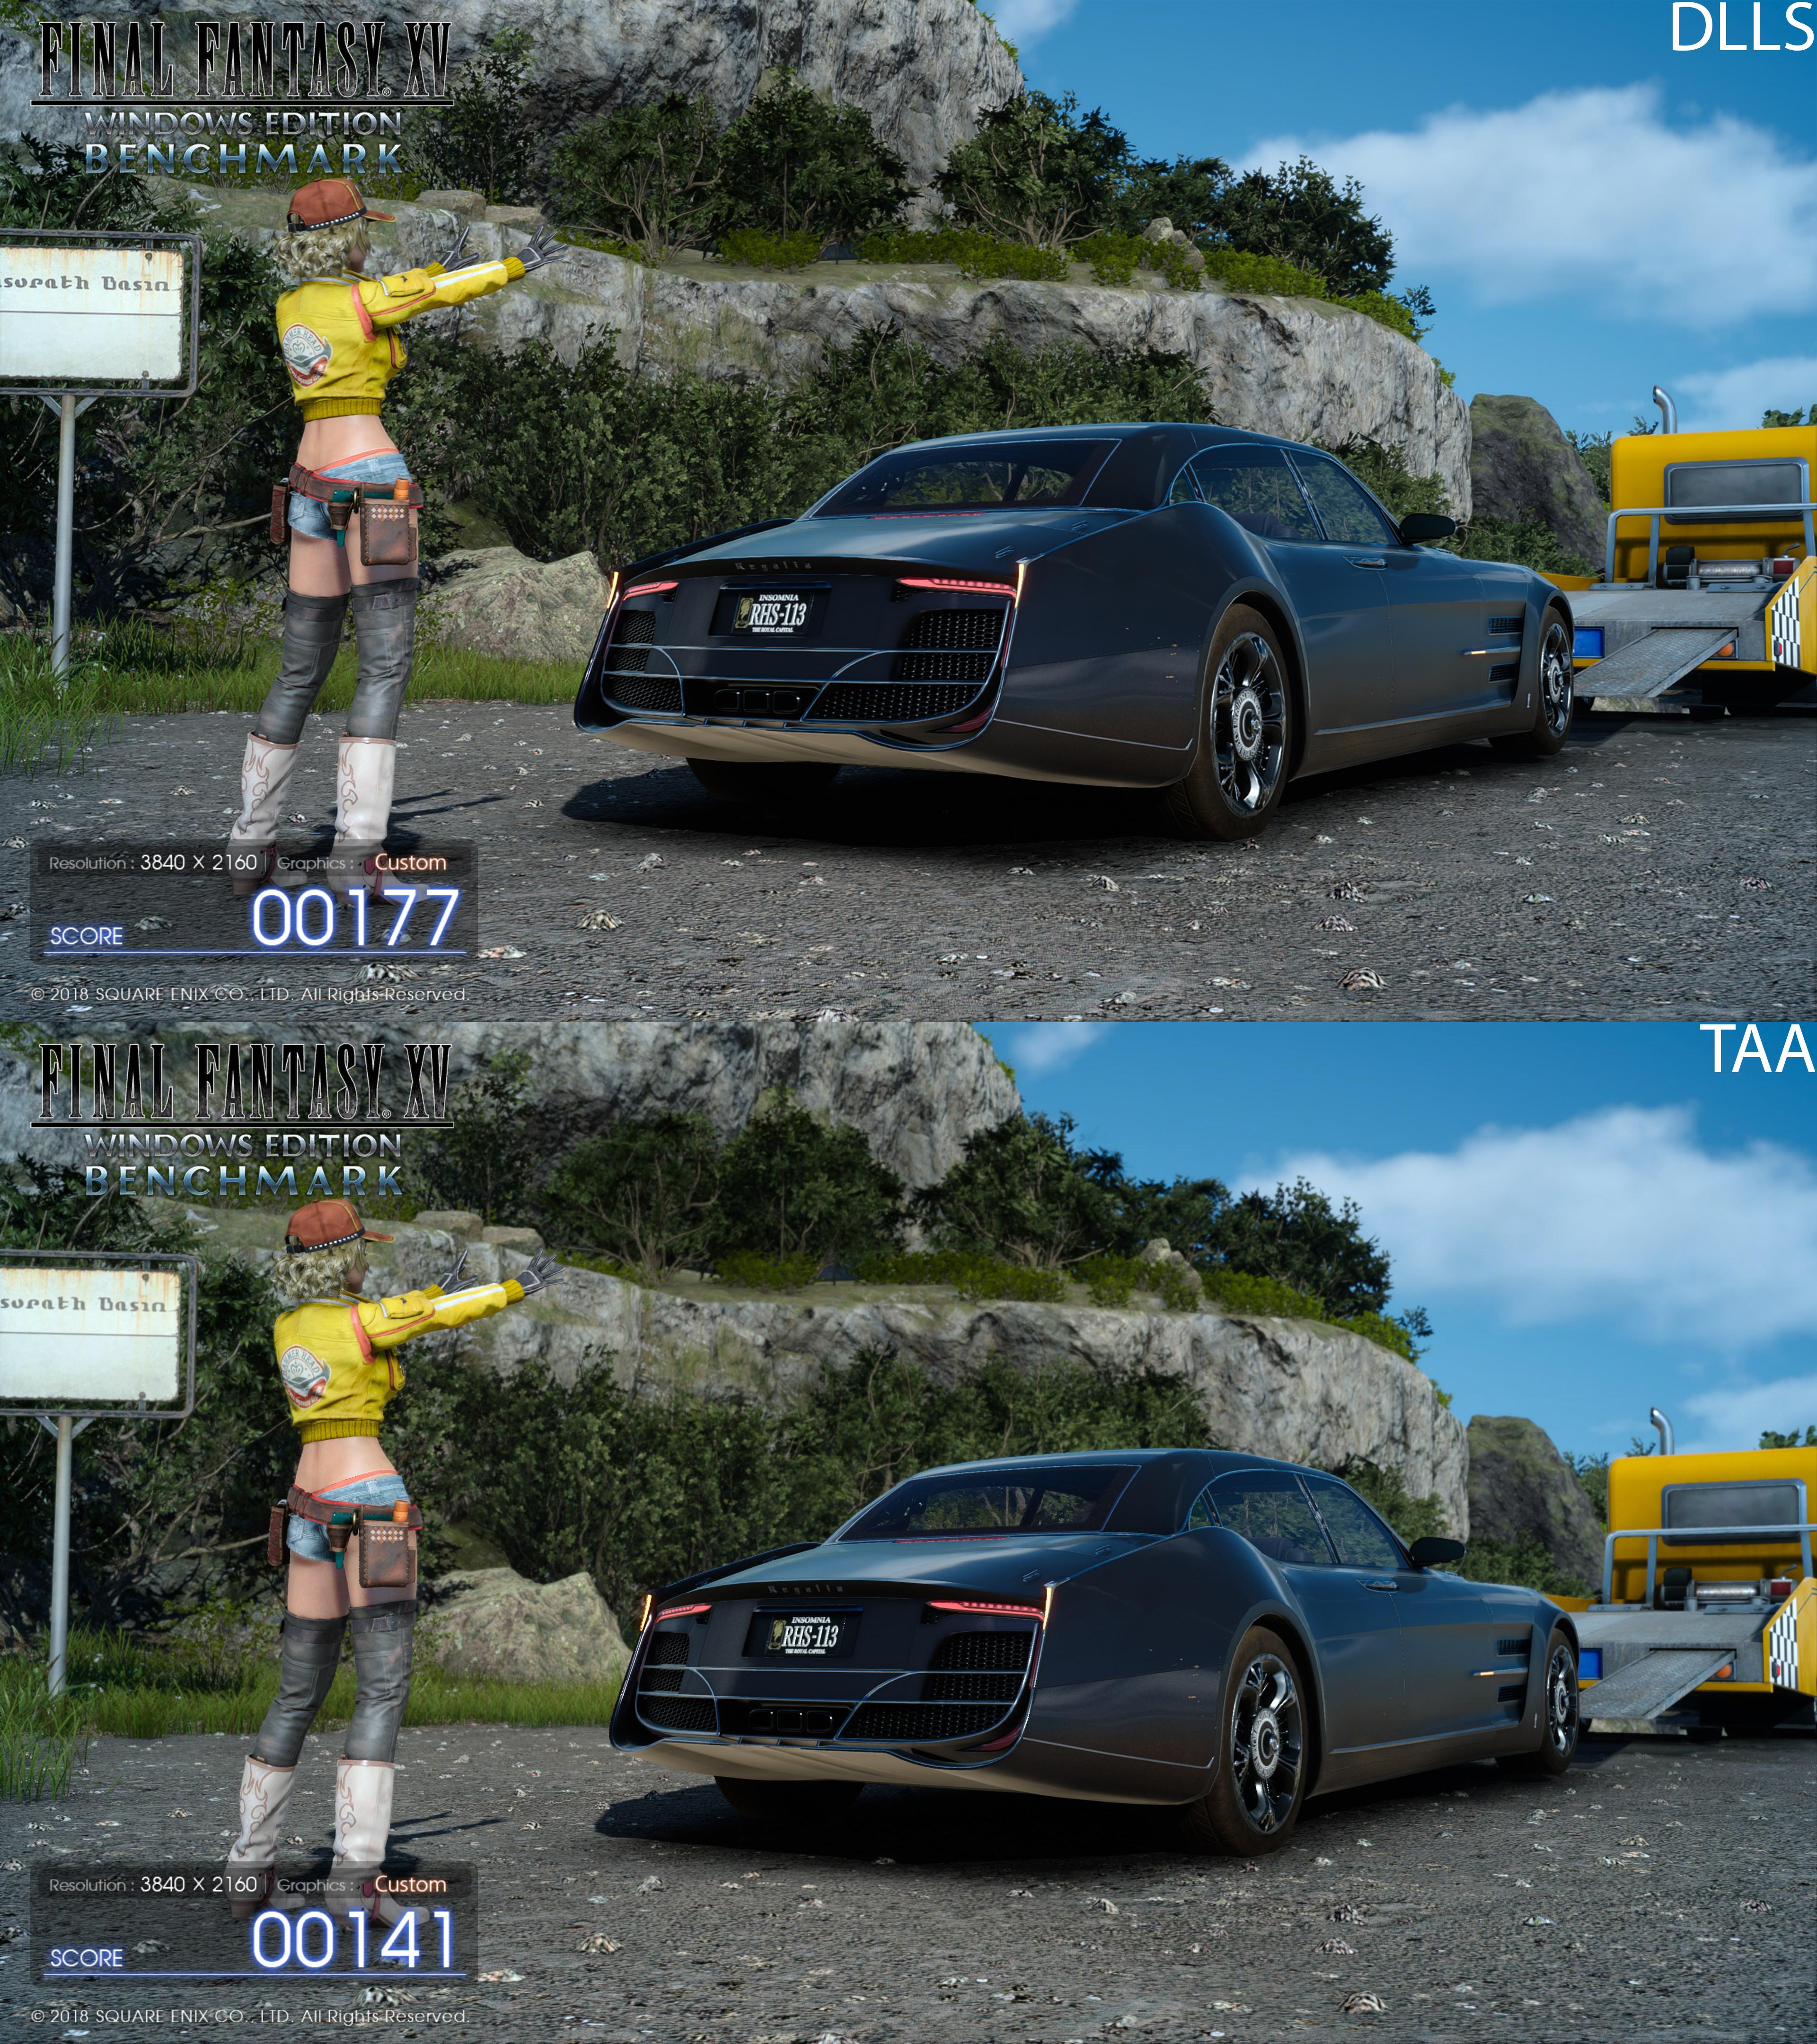 Nvidia DLSS / TAA - Final Fantasy 15